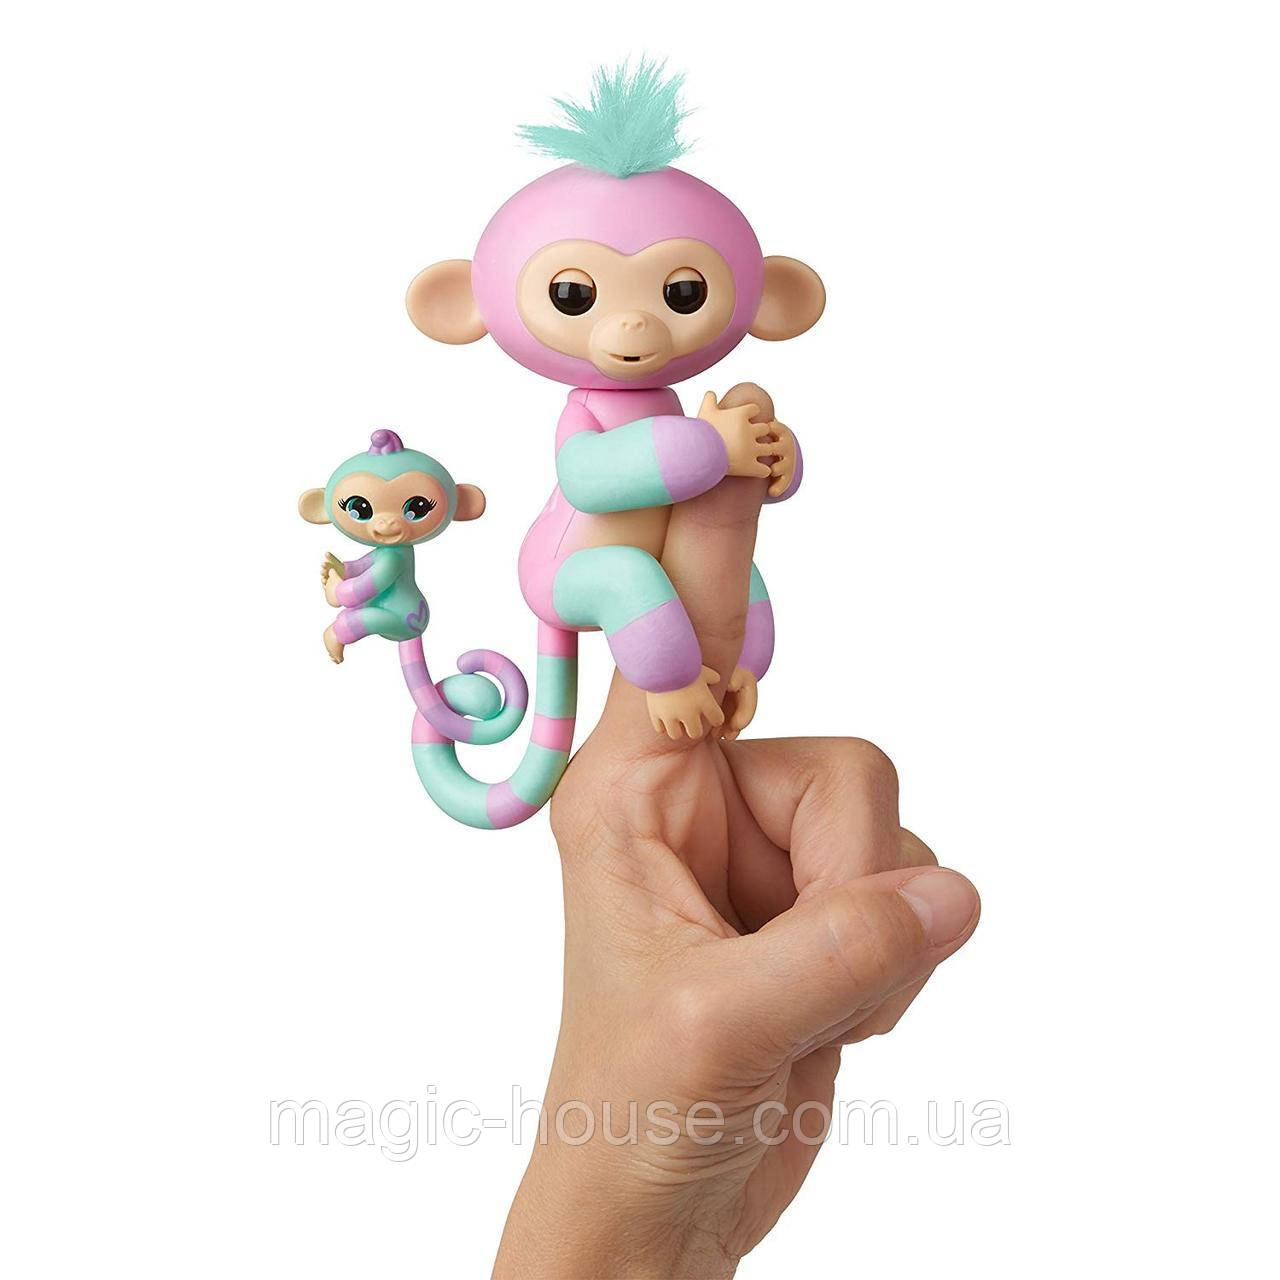 Оригинал Интерактивная обезьянка Fingerlings Baby Monkey Ashley & Chance